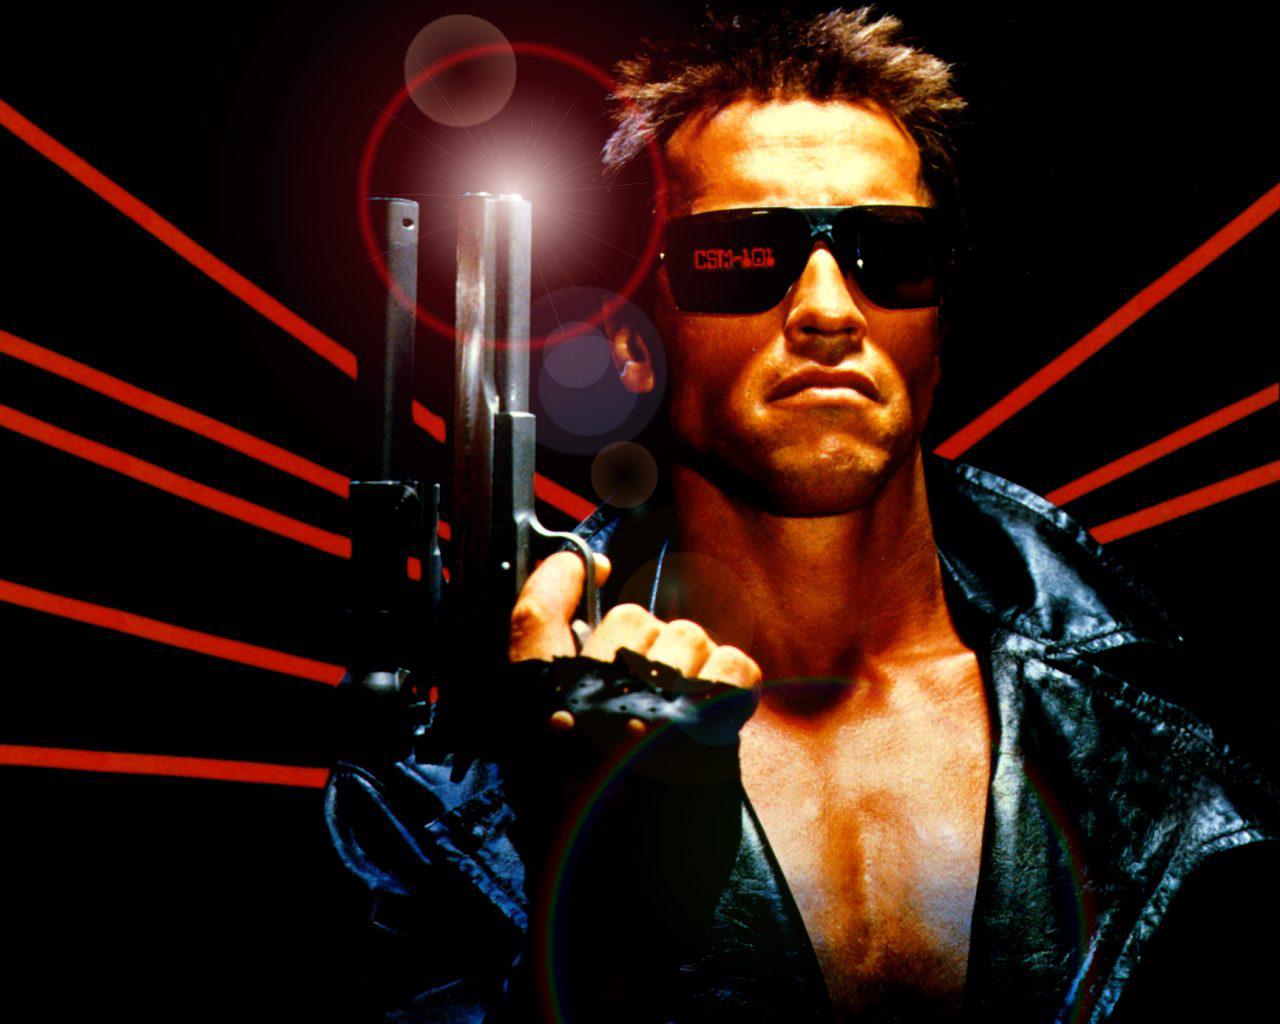 http://1.bp.blogspot.com/-D0KQmAS2WIc/UFm04NjYuiI/AAAAAAAAAK0/i39L3pVIzso/s1600/Schwarzenegger-I%27ll+be+back.jpg